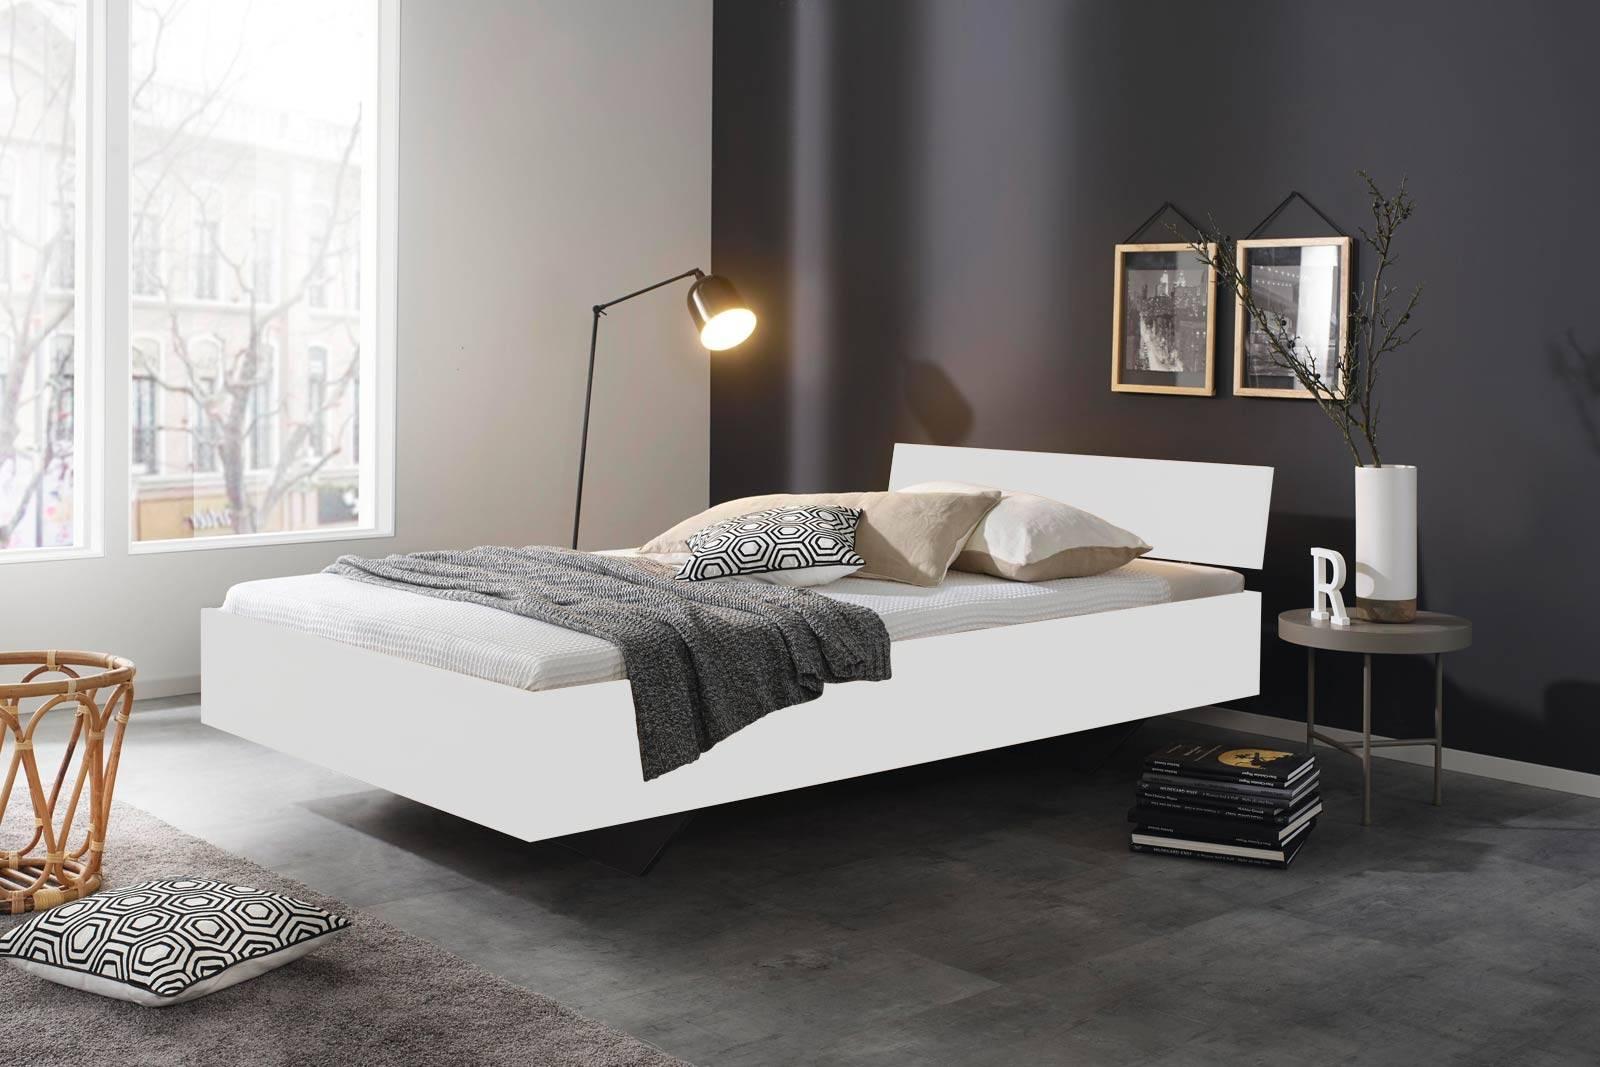 Das Bild zeigt ein modernes Schlafzimmer.